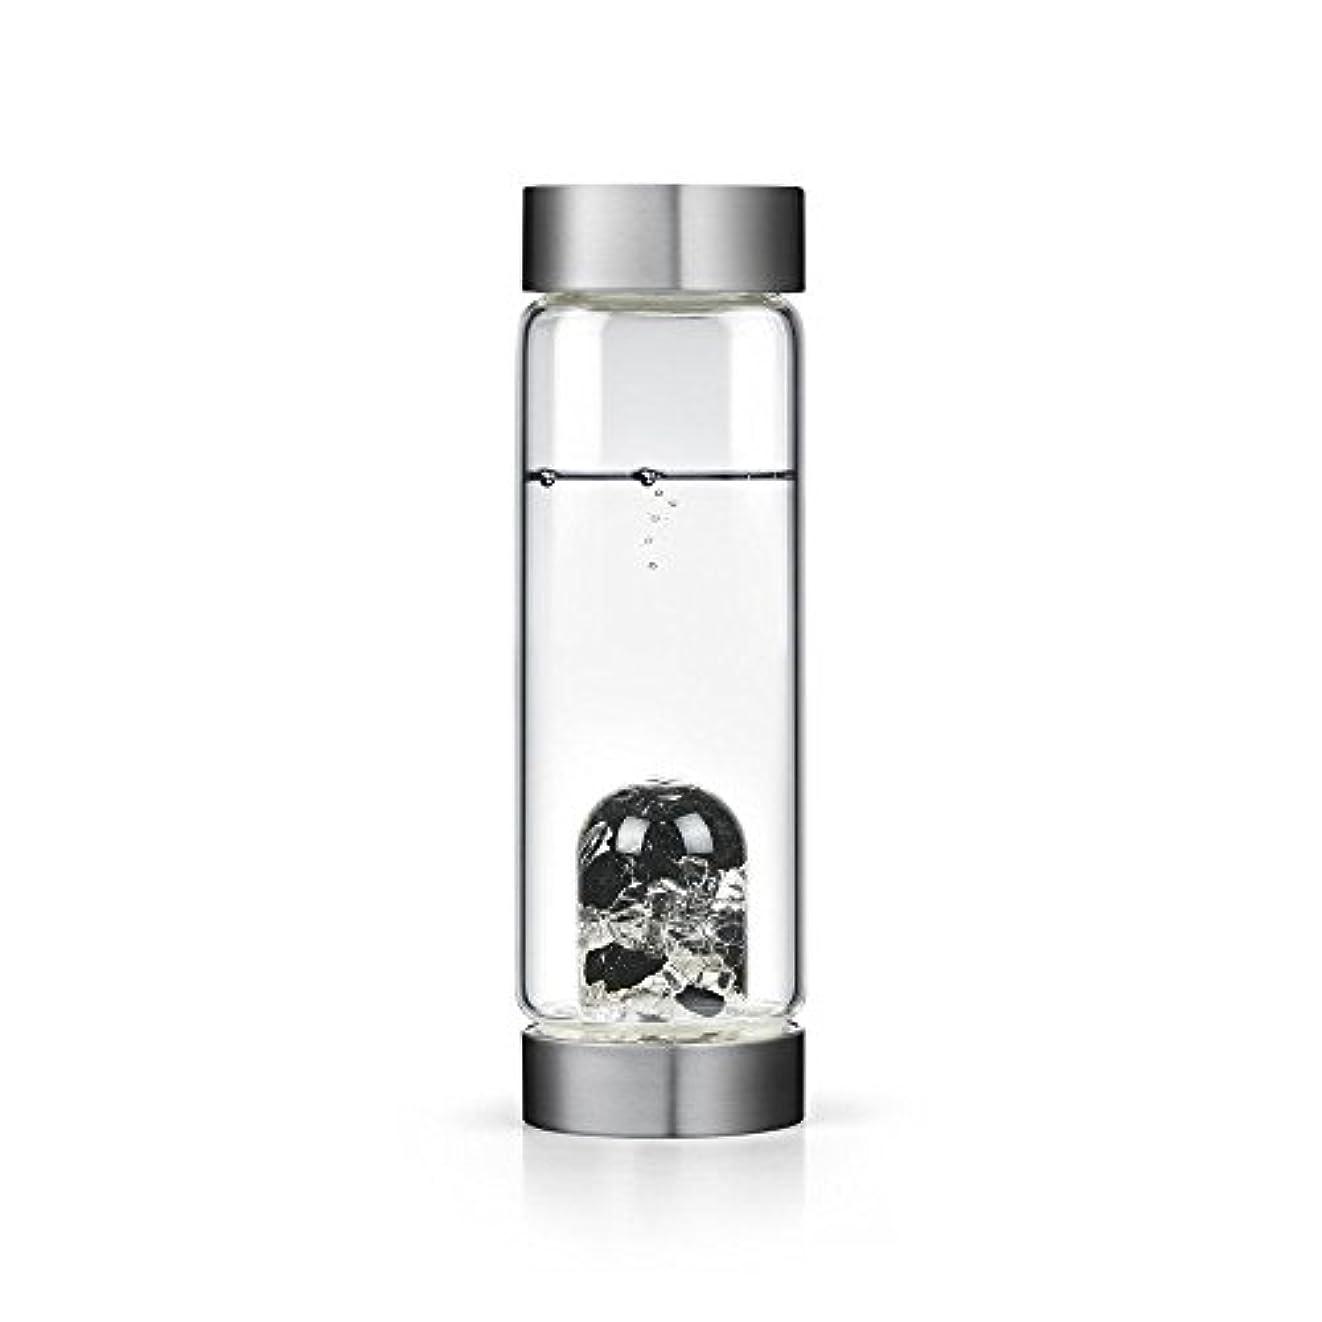 人物パーツ郊外ビジョンクリスタルエディションgem-waterボトルby VitaJuwel W / Freeカリフォルニアホワイトセージバンドル 16.9 fl oz